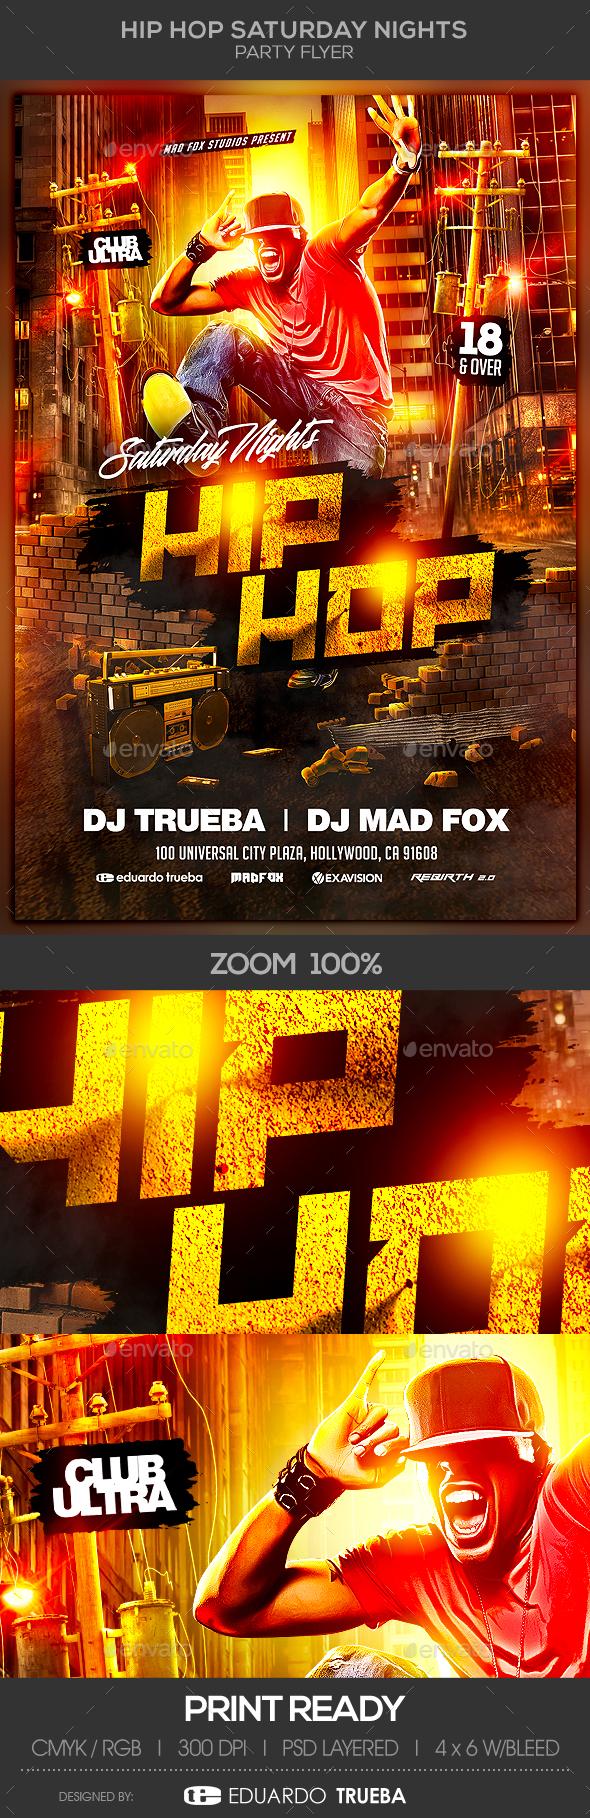 GraphicRiver Hip Hop Saturday Nights Party Flyer 20864492